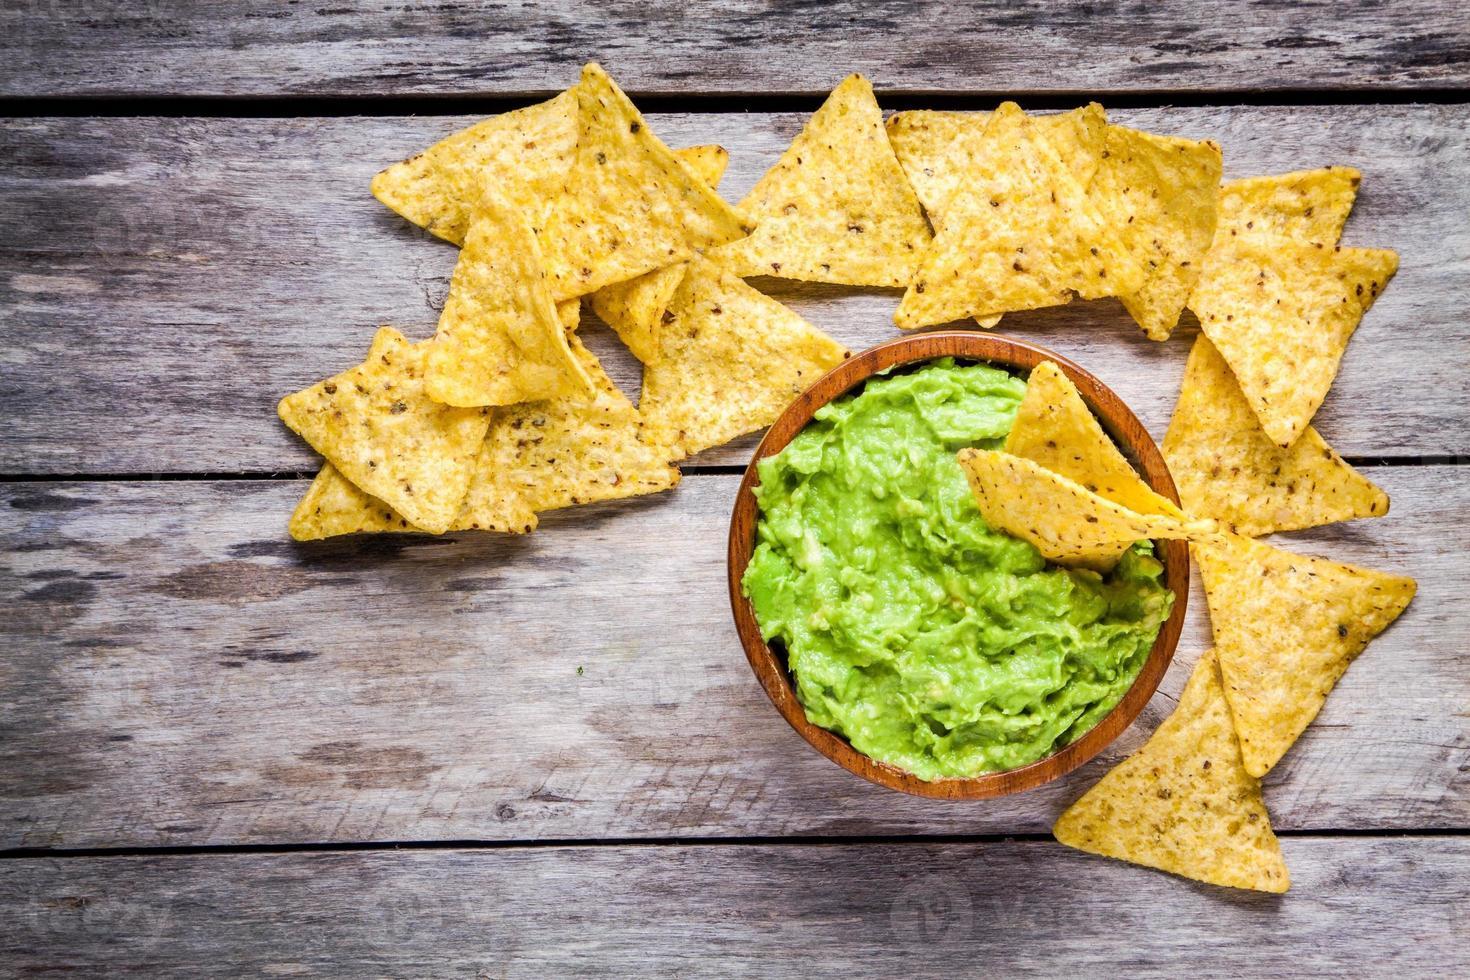 hemlagad guacamole med toppvy av majs chips foto